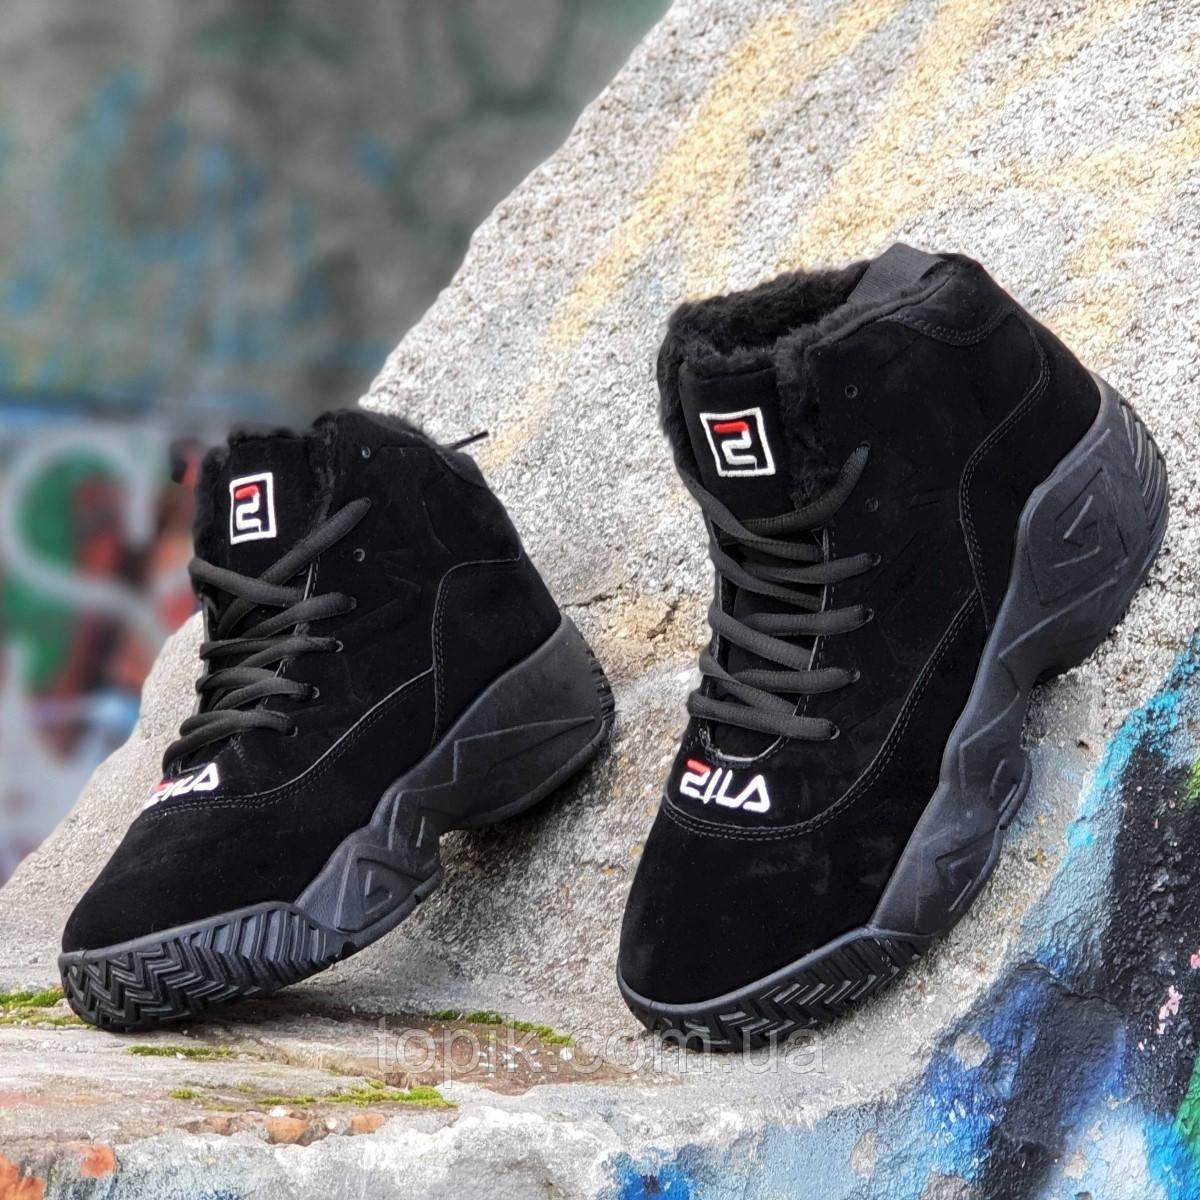 Зимние черные кроссовки в стиле FILA на платформе женские подростковые унисекс на высокой подошве (Код: 1263a)